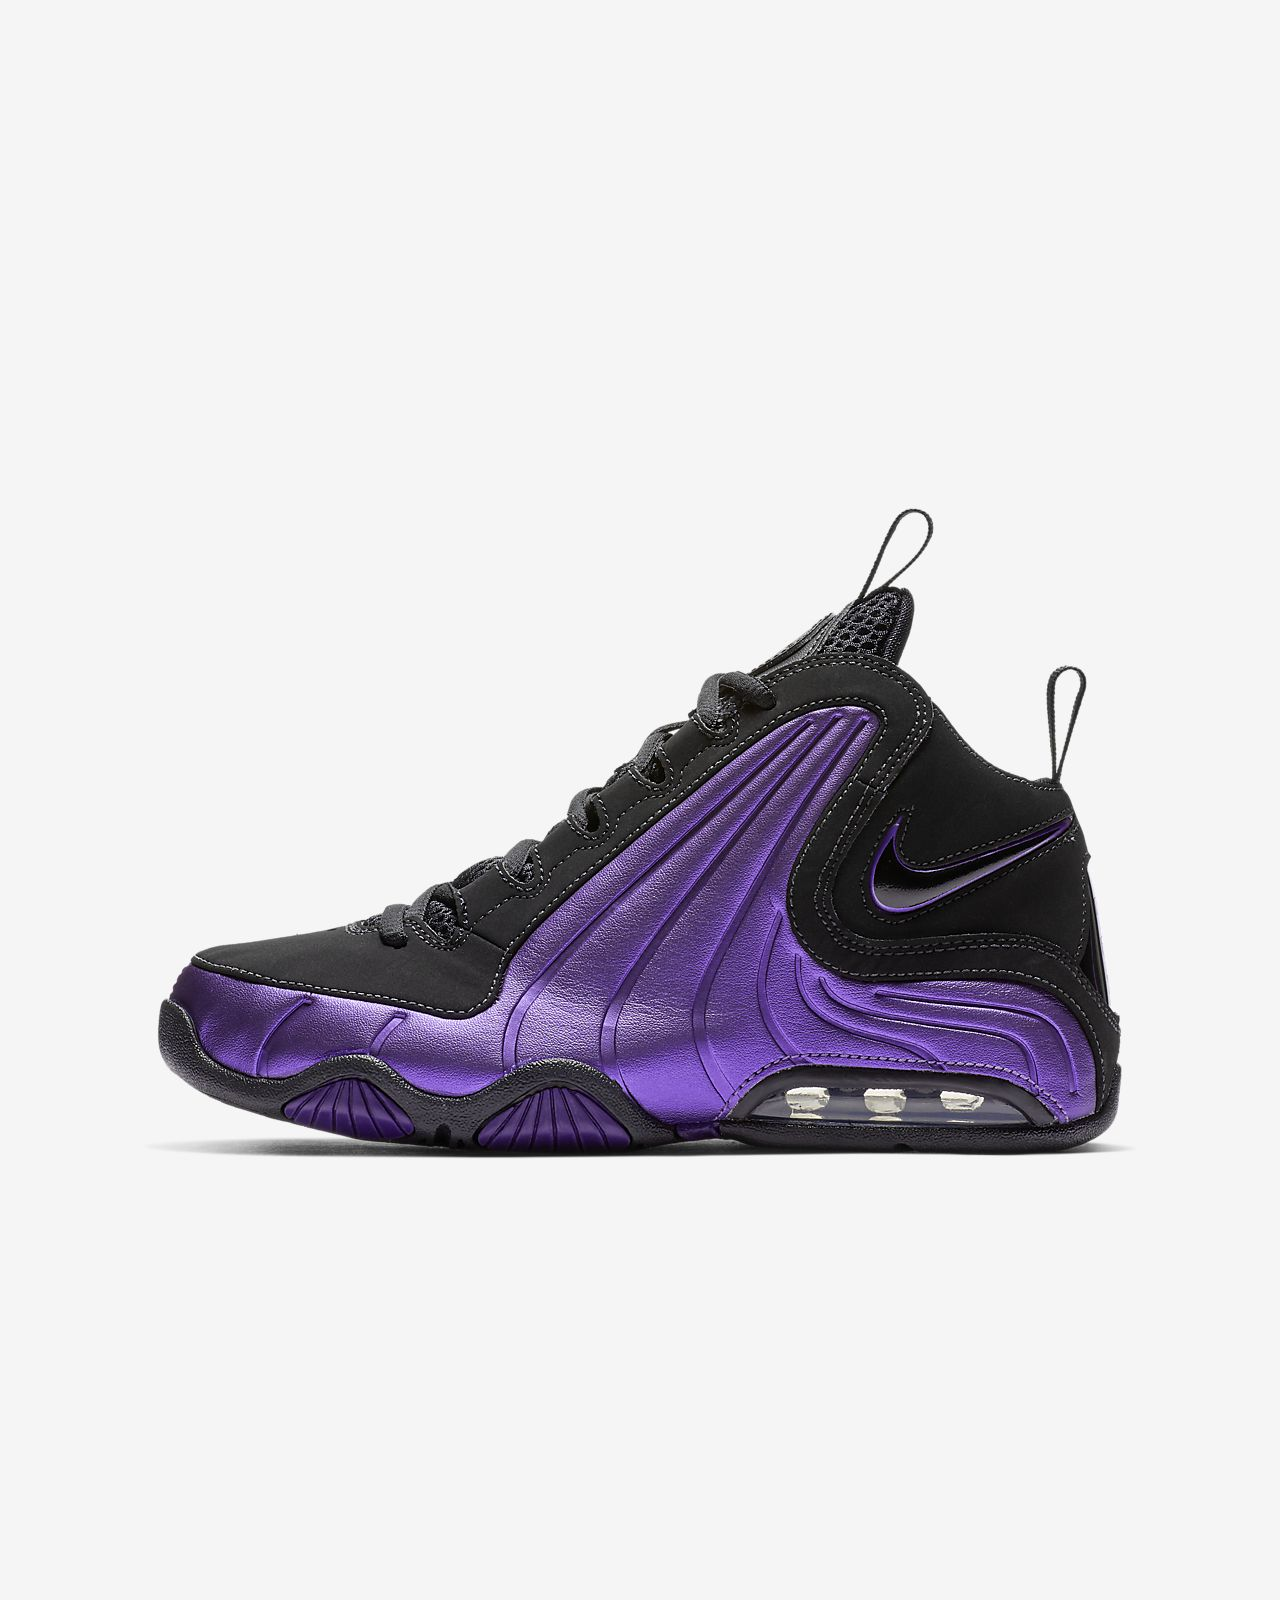 ce2d0da5a2 Nike Air Max Wavy Big Kids' Shoe